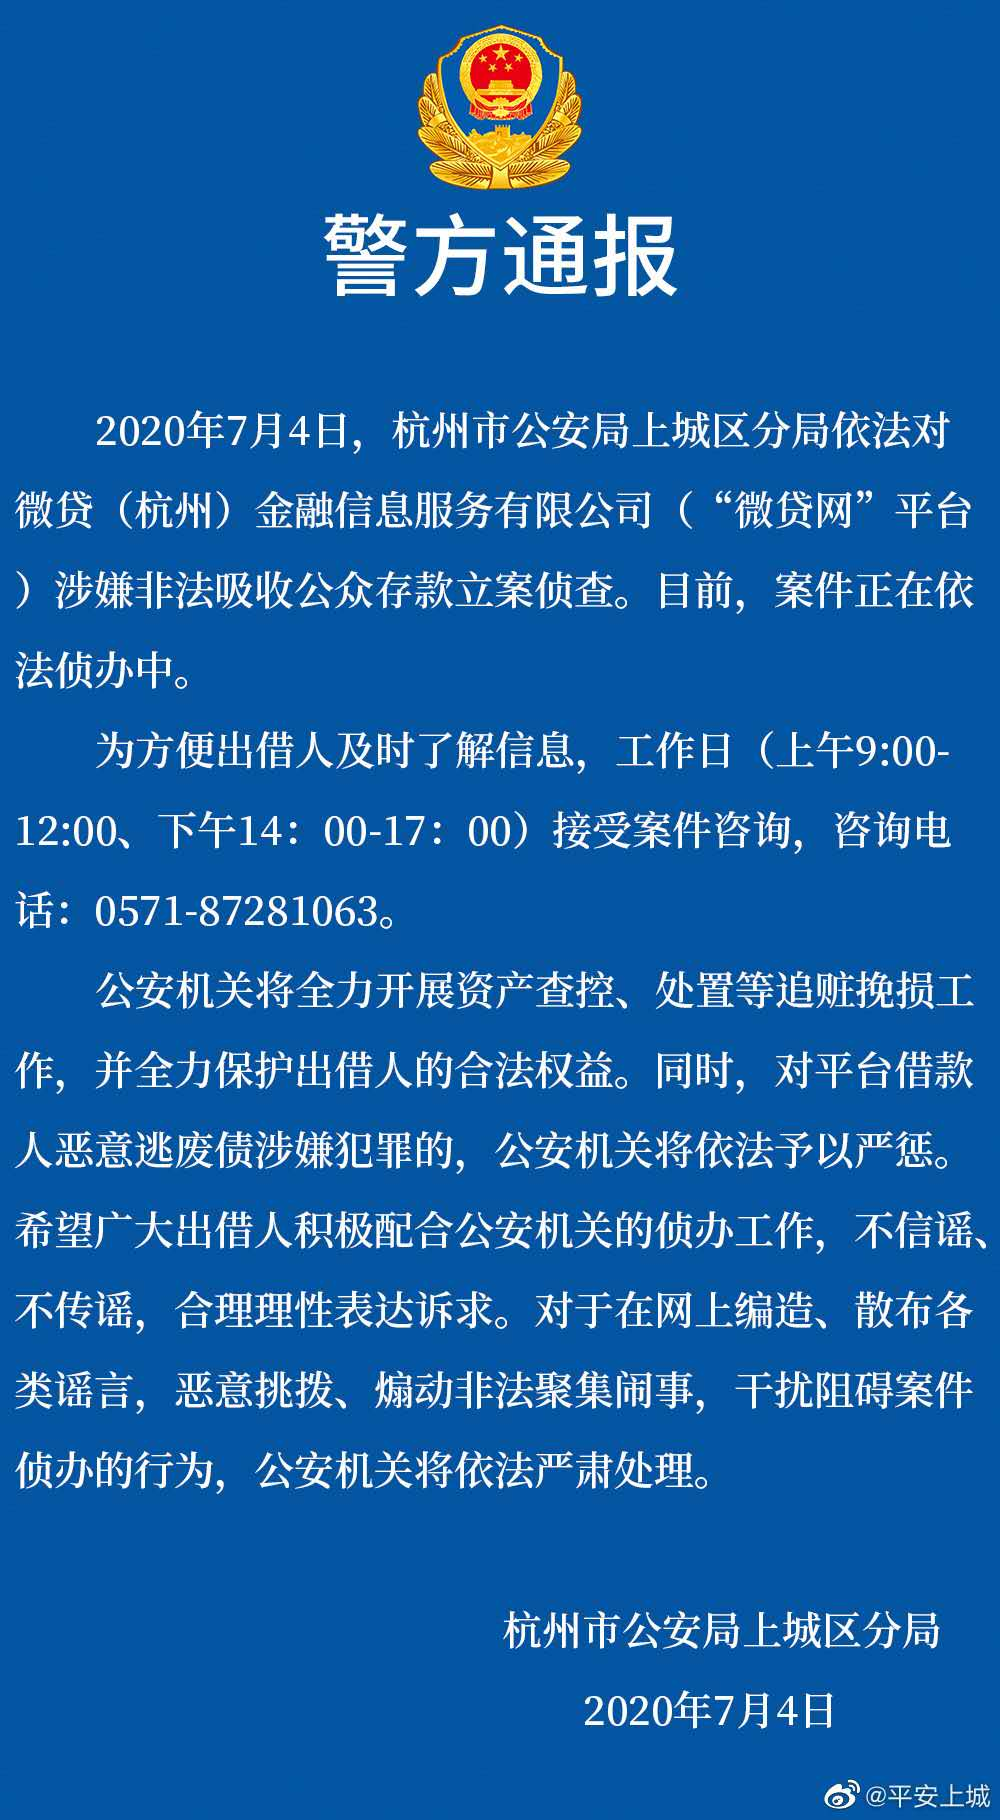 微贷网涉嫌非吸被杭州警方立案,一个月前曾宣布退出网贷业务